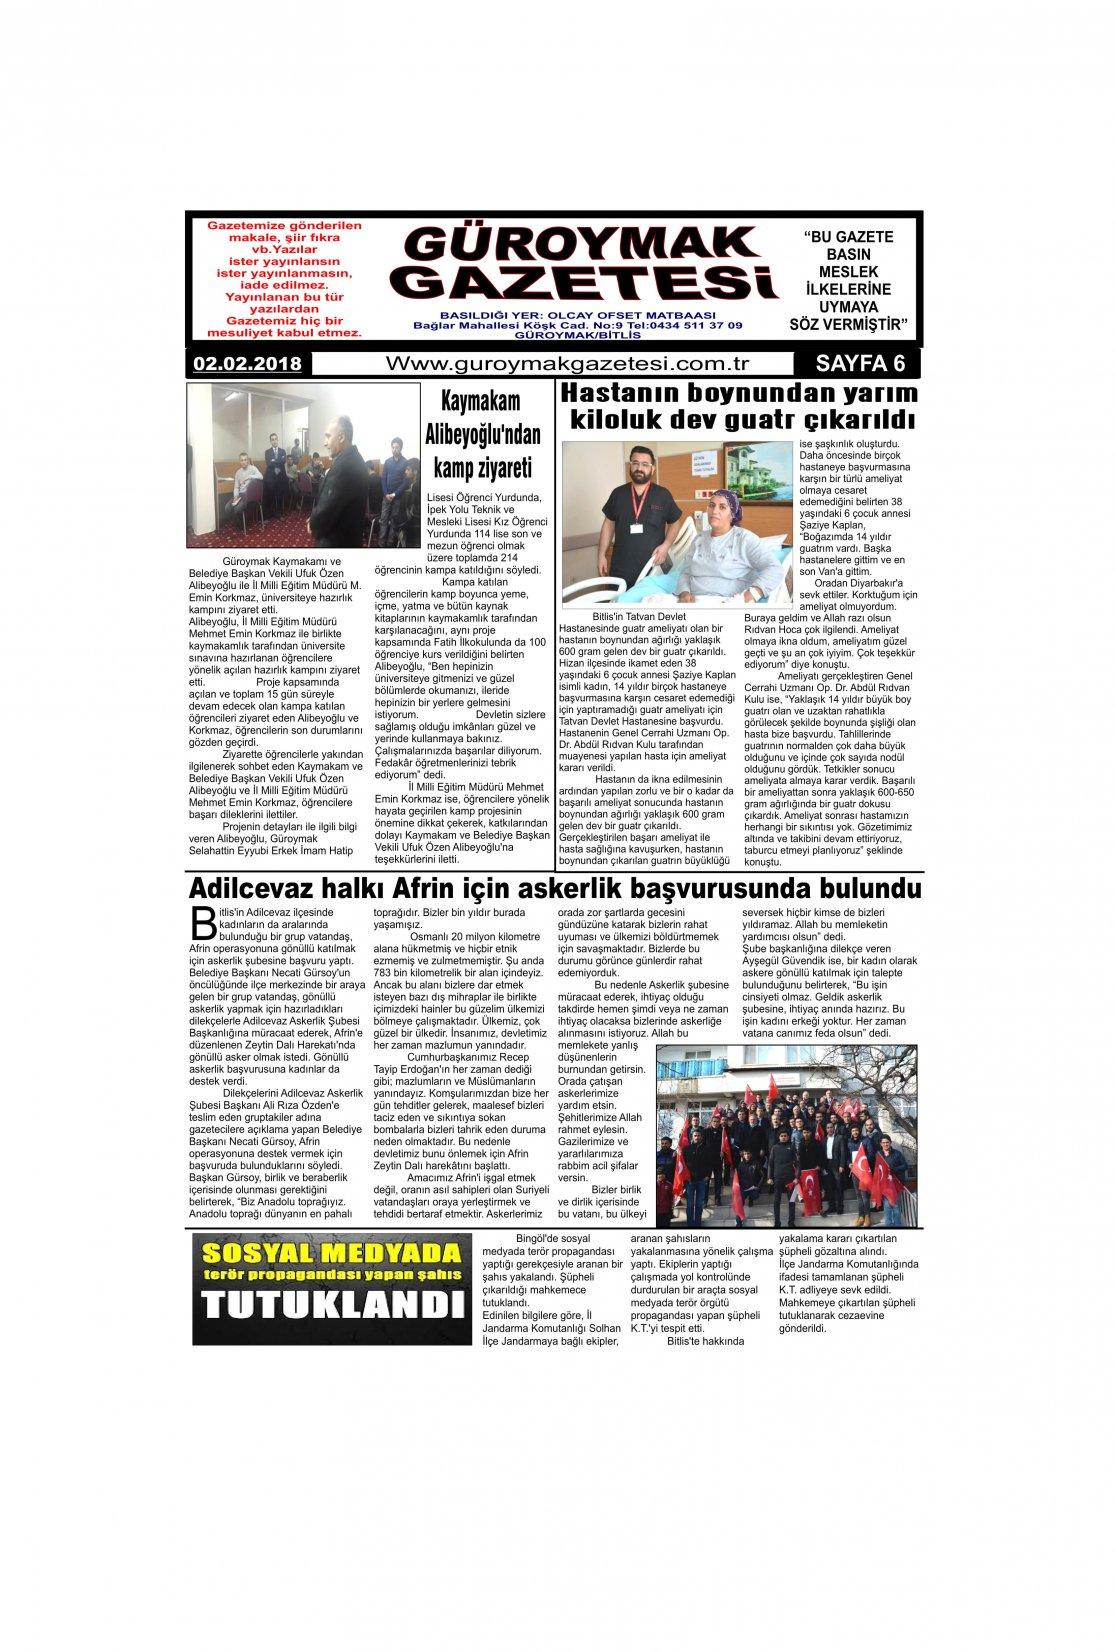 Güroymak Gazetesi 6-1.jpg Sayılı Gazete Küpürü